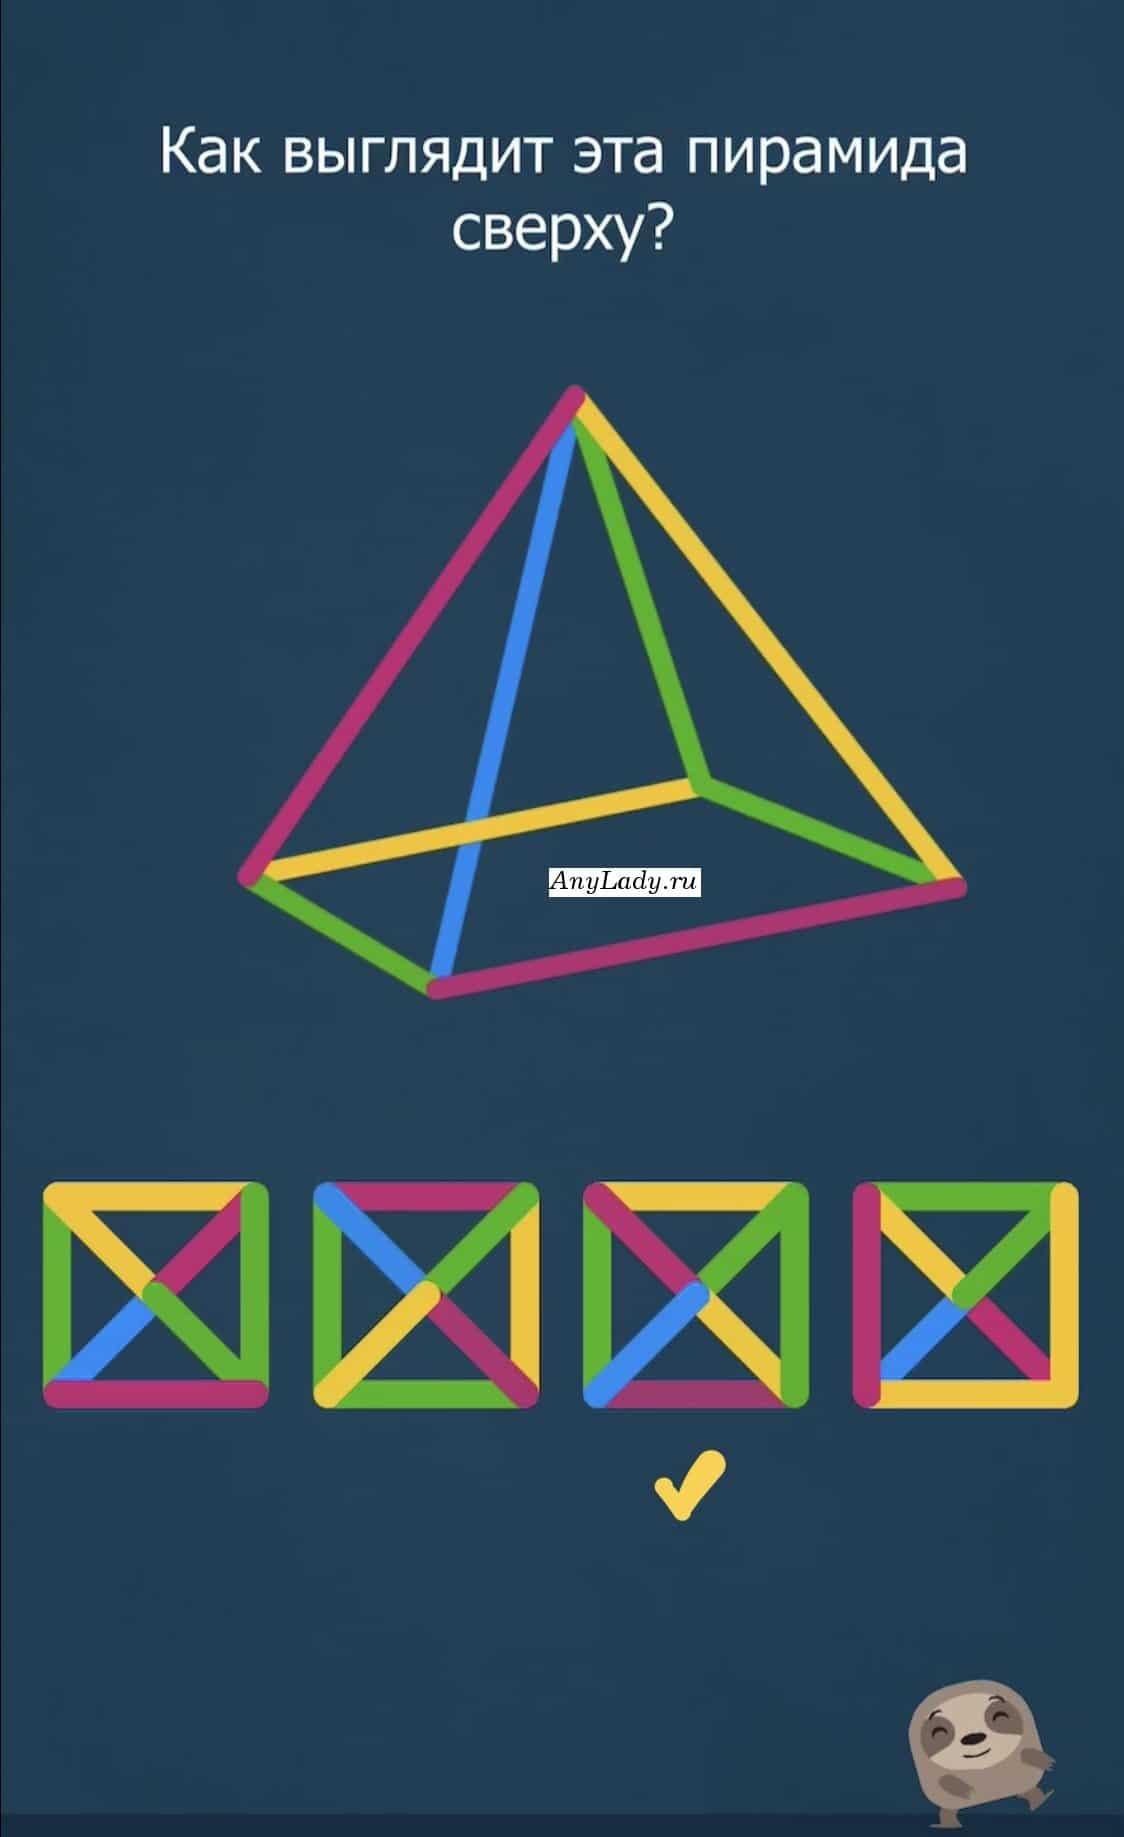 Верный вариант ответа: третья слева пирамида.